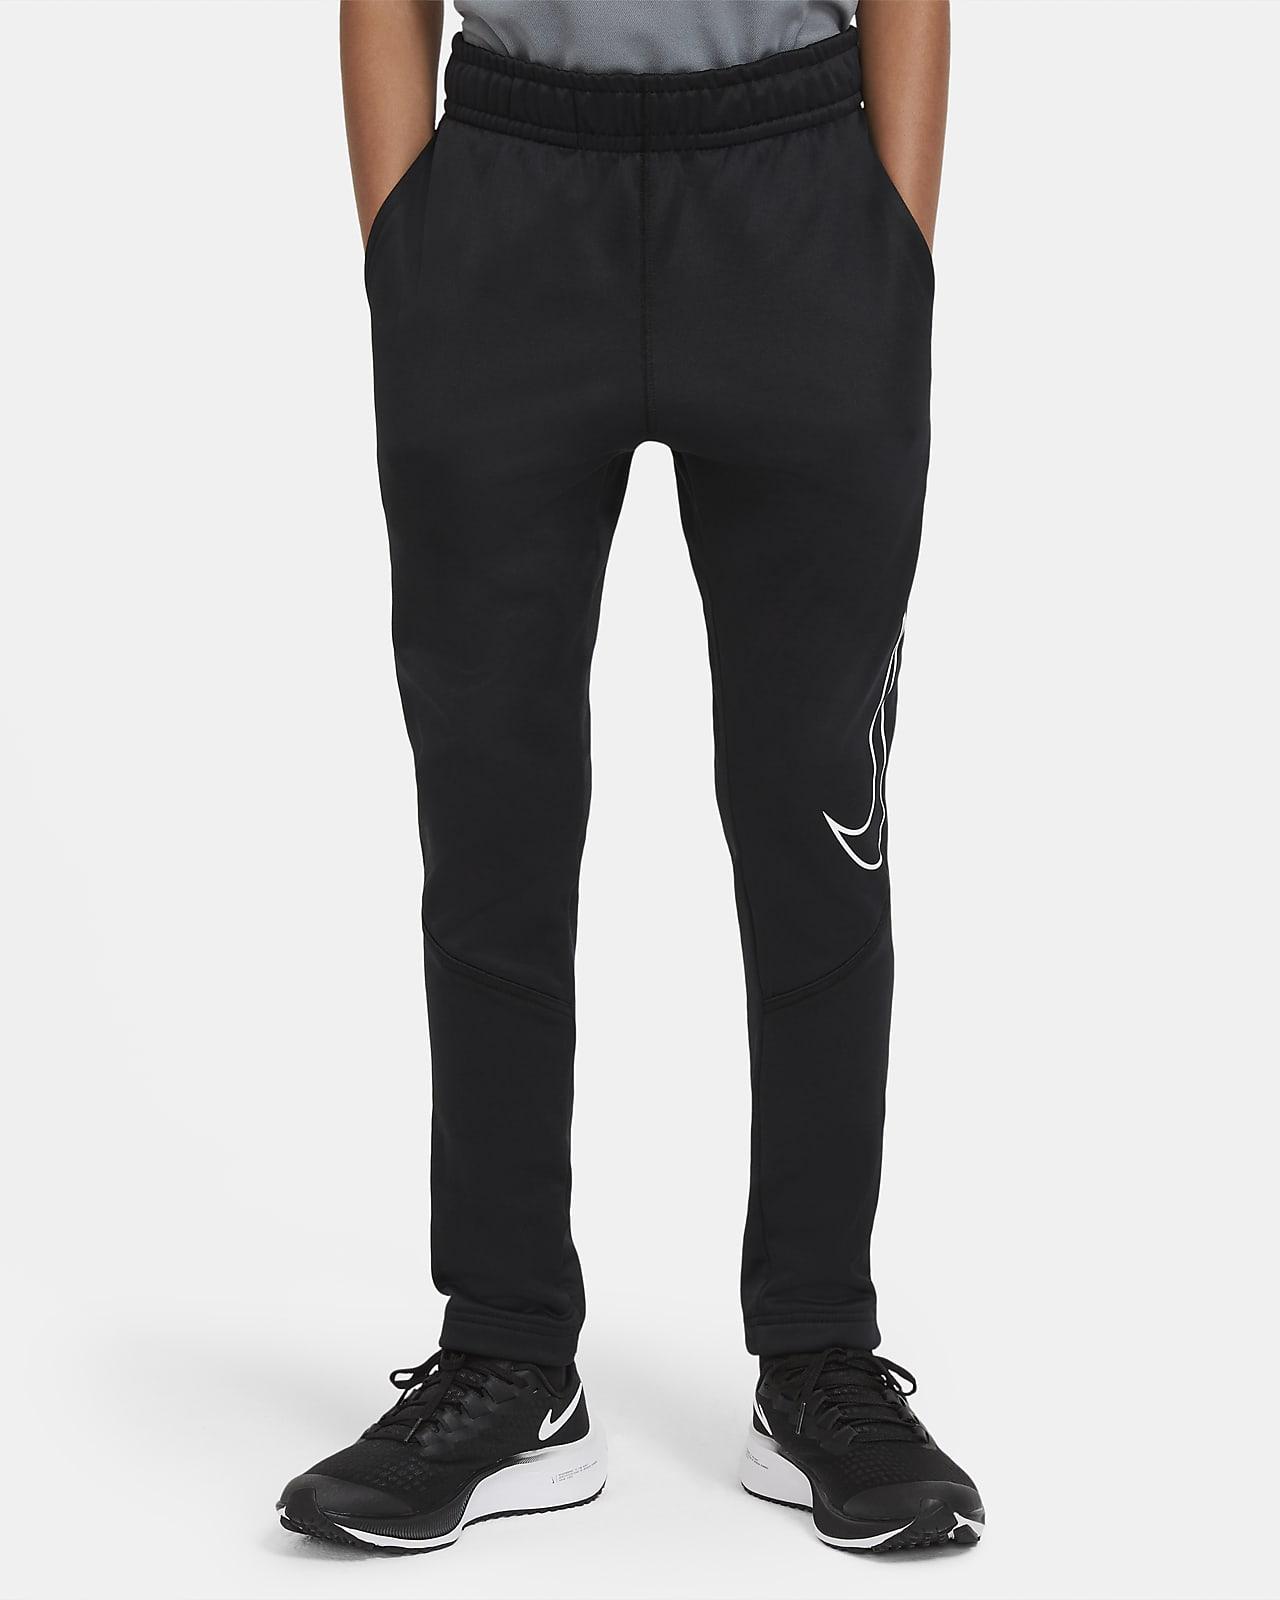 Pantalon de training fuselé à motif Nike Therma pour Garçon plus âgé